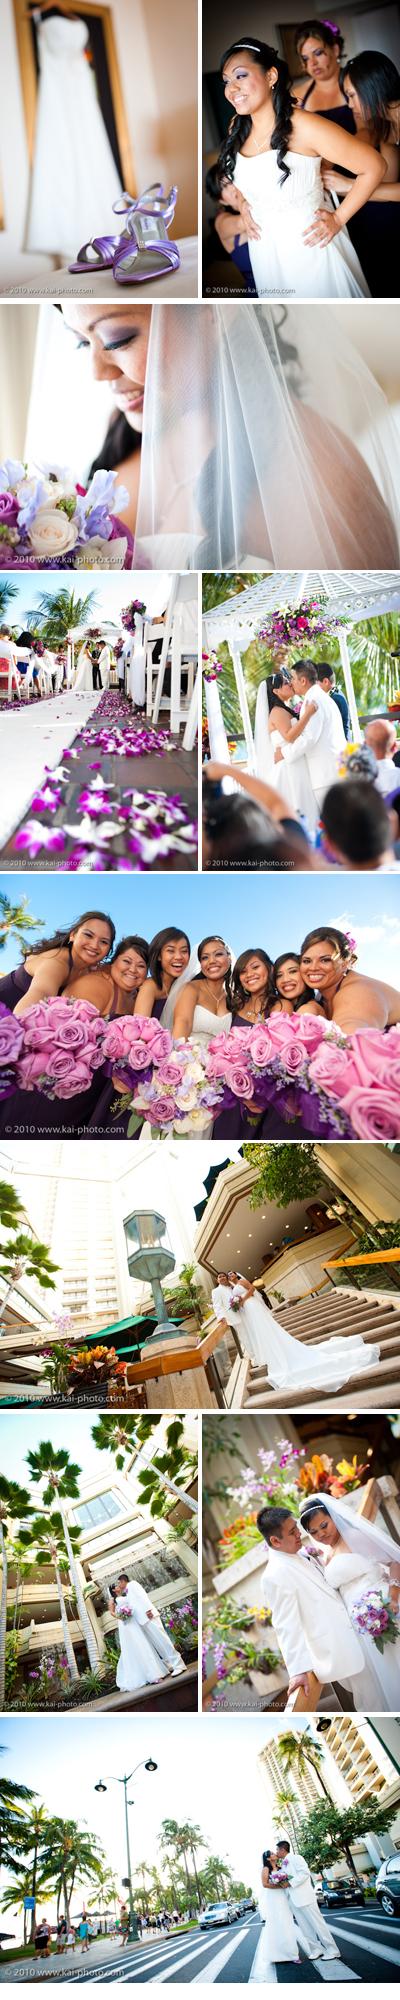 Hawaii Wedding Photography at Hyatt